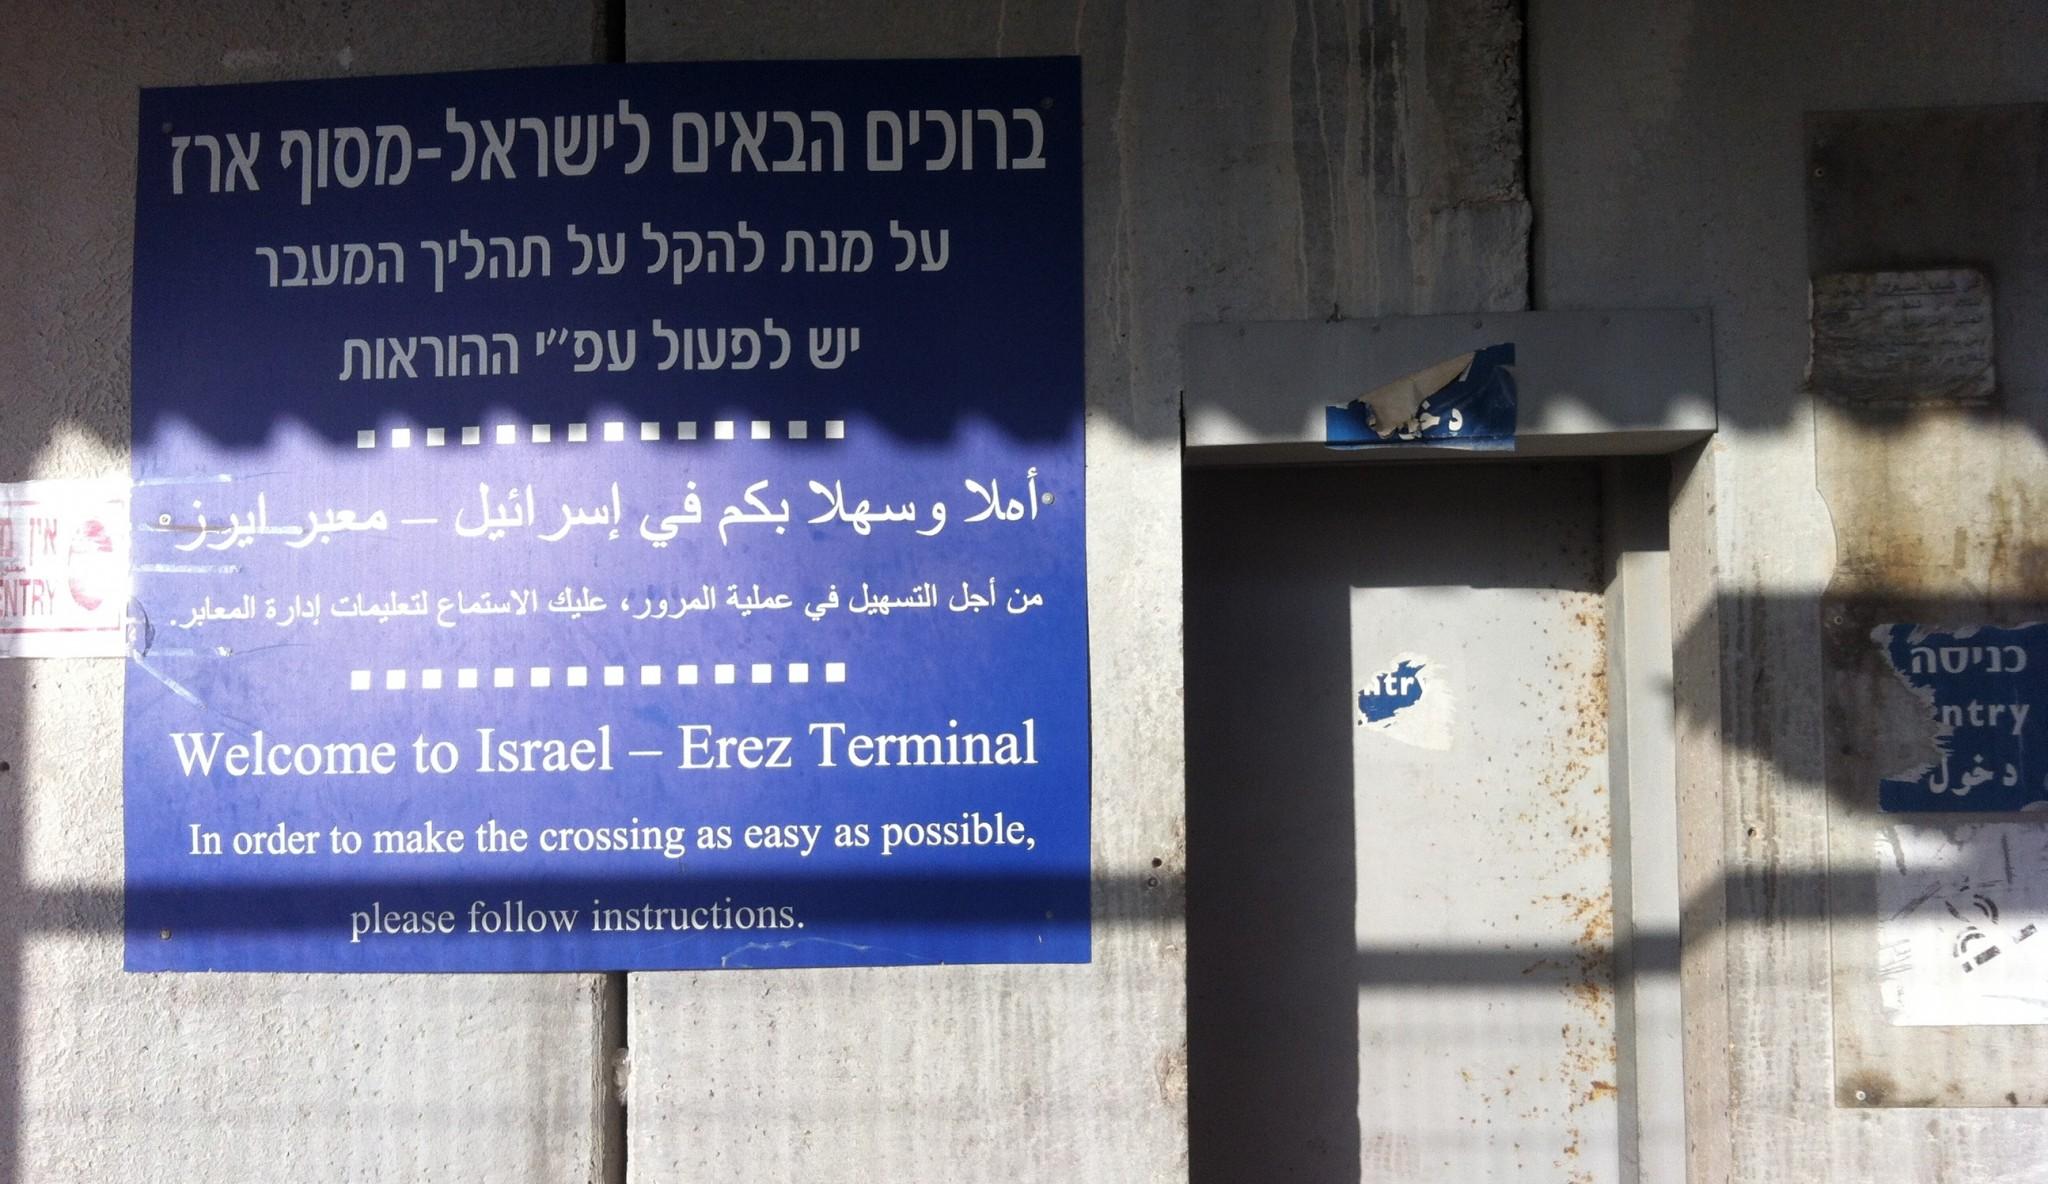 جزء من تقييدات التنقّل هذه على سكان قطاع غزة كانت قد بدأت منذ سنوات التسعينات. تقييدات أخرى – مثل المنع المفروض على خروج طلاب جامعيين من قطاع غزة للدراسة في الضفة الغربية، ووقف تغيير مكان الإقامة لسكان قطاع غزة في الضفة الغربية – فُرضت عام 2000. معبر إيرز. تصوير: نورية أوسوالد.